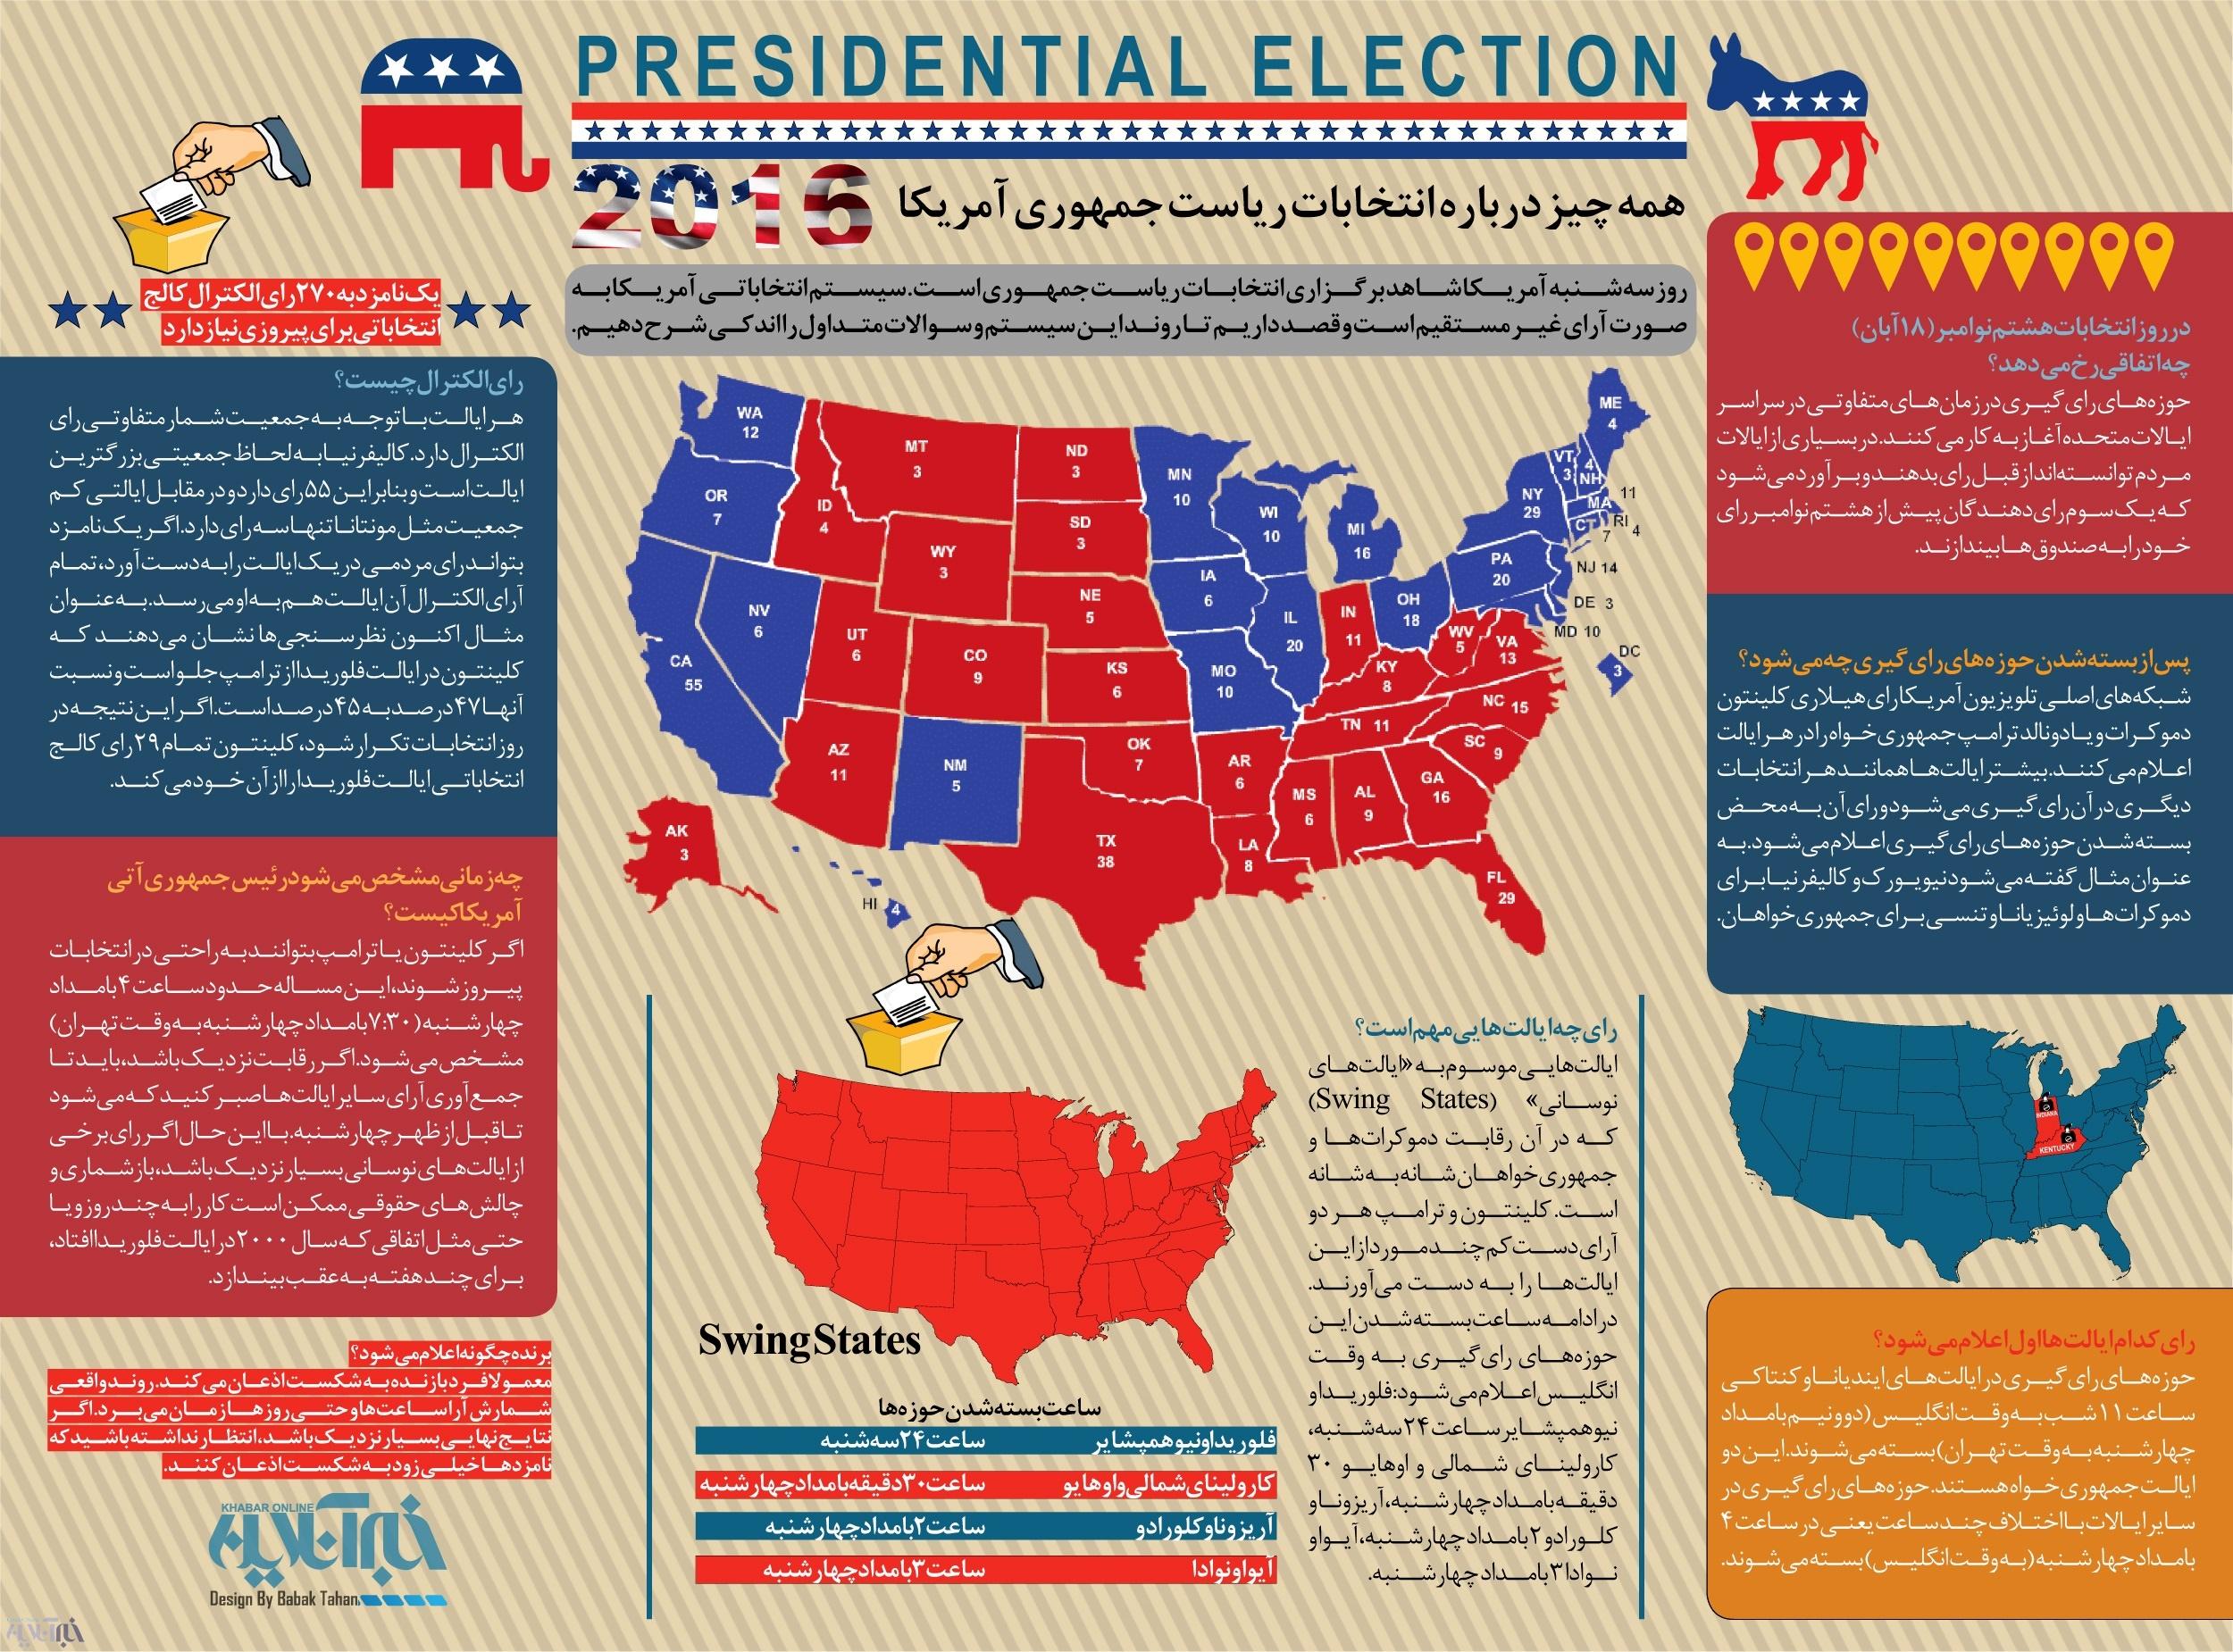 اینفوگرافیک | همه چیز درباره انتخابات ریاست جمهوری آمریکا